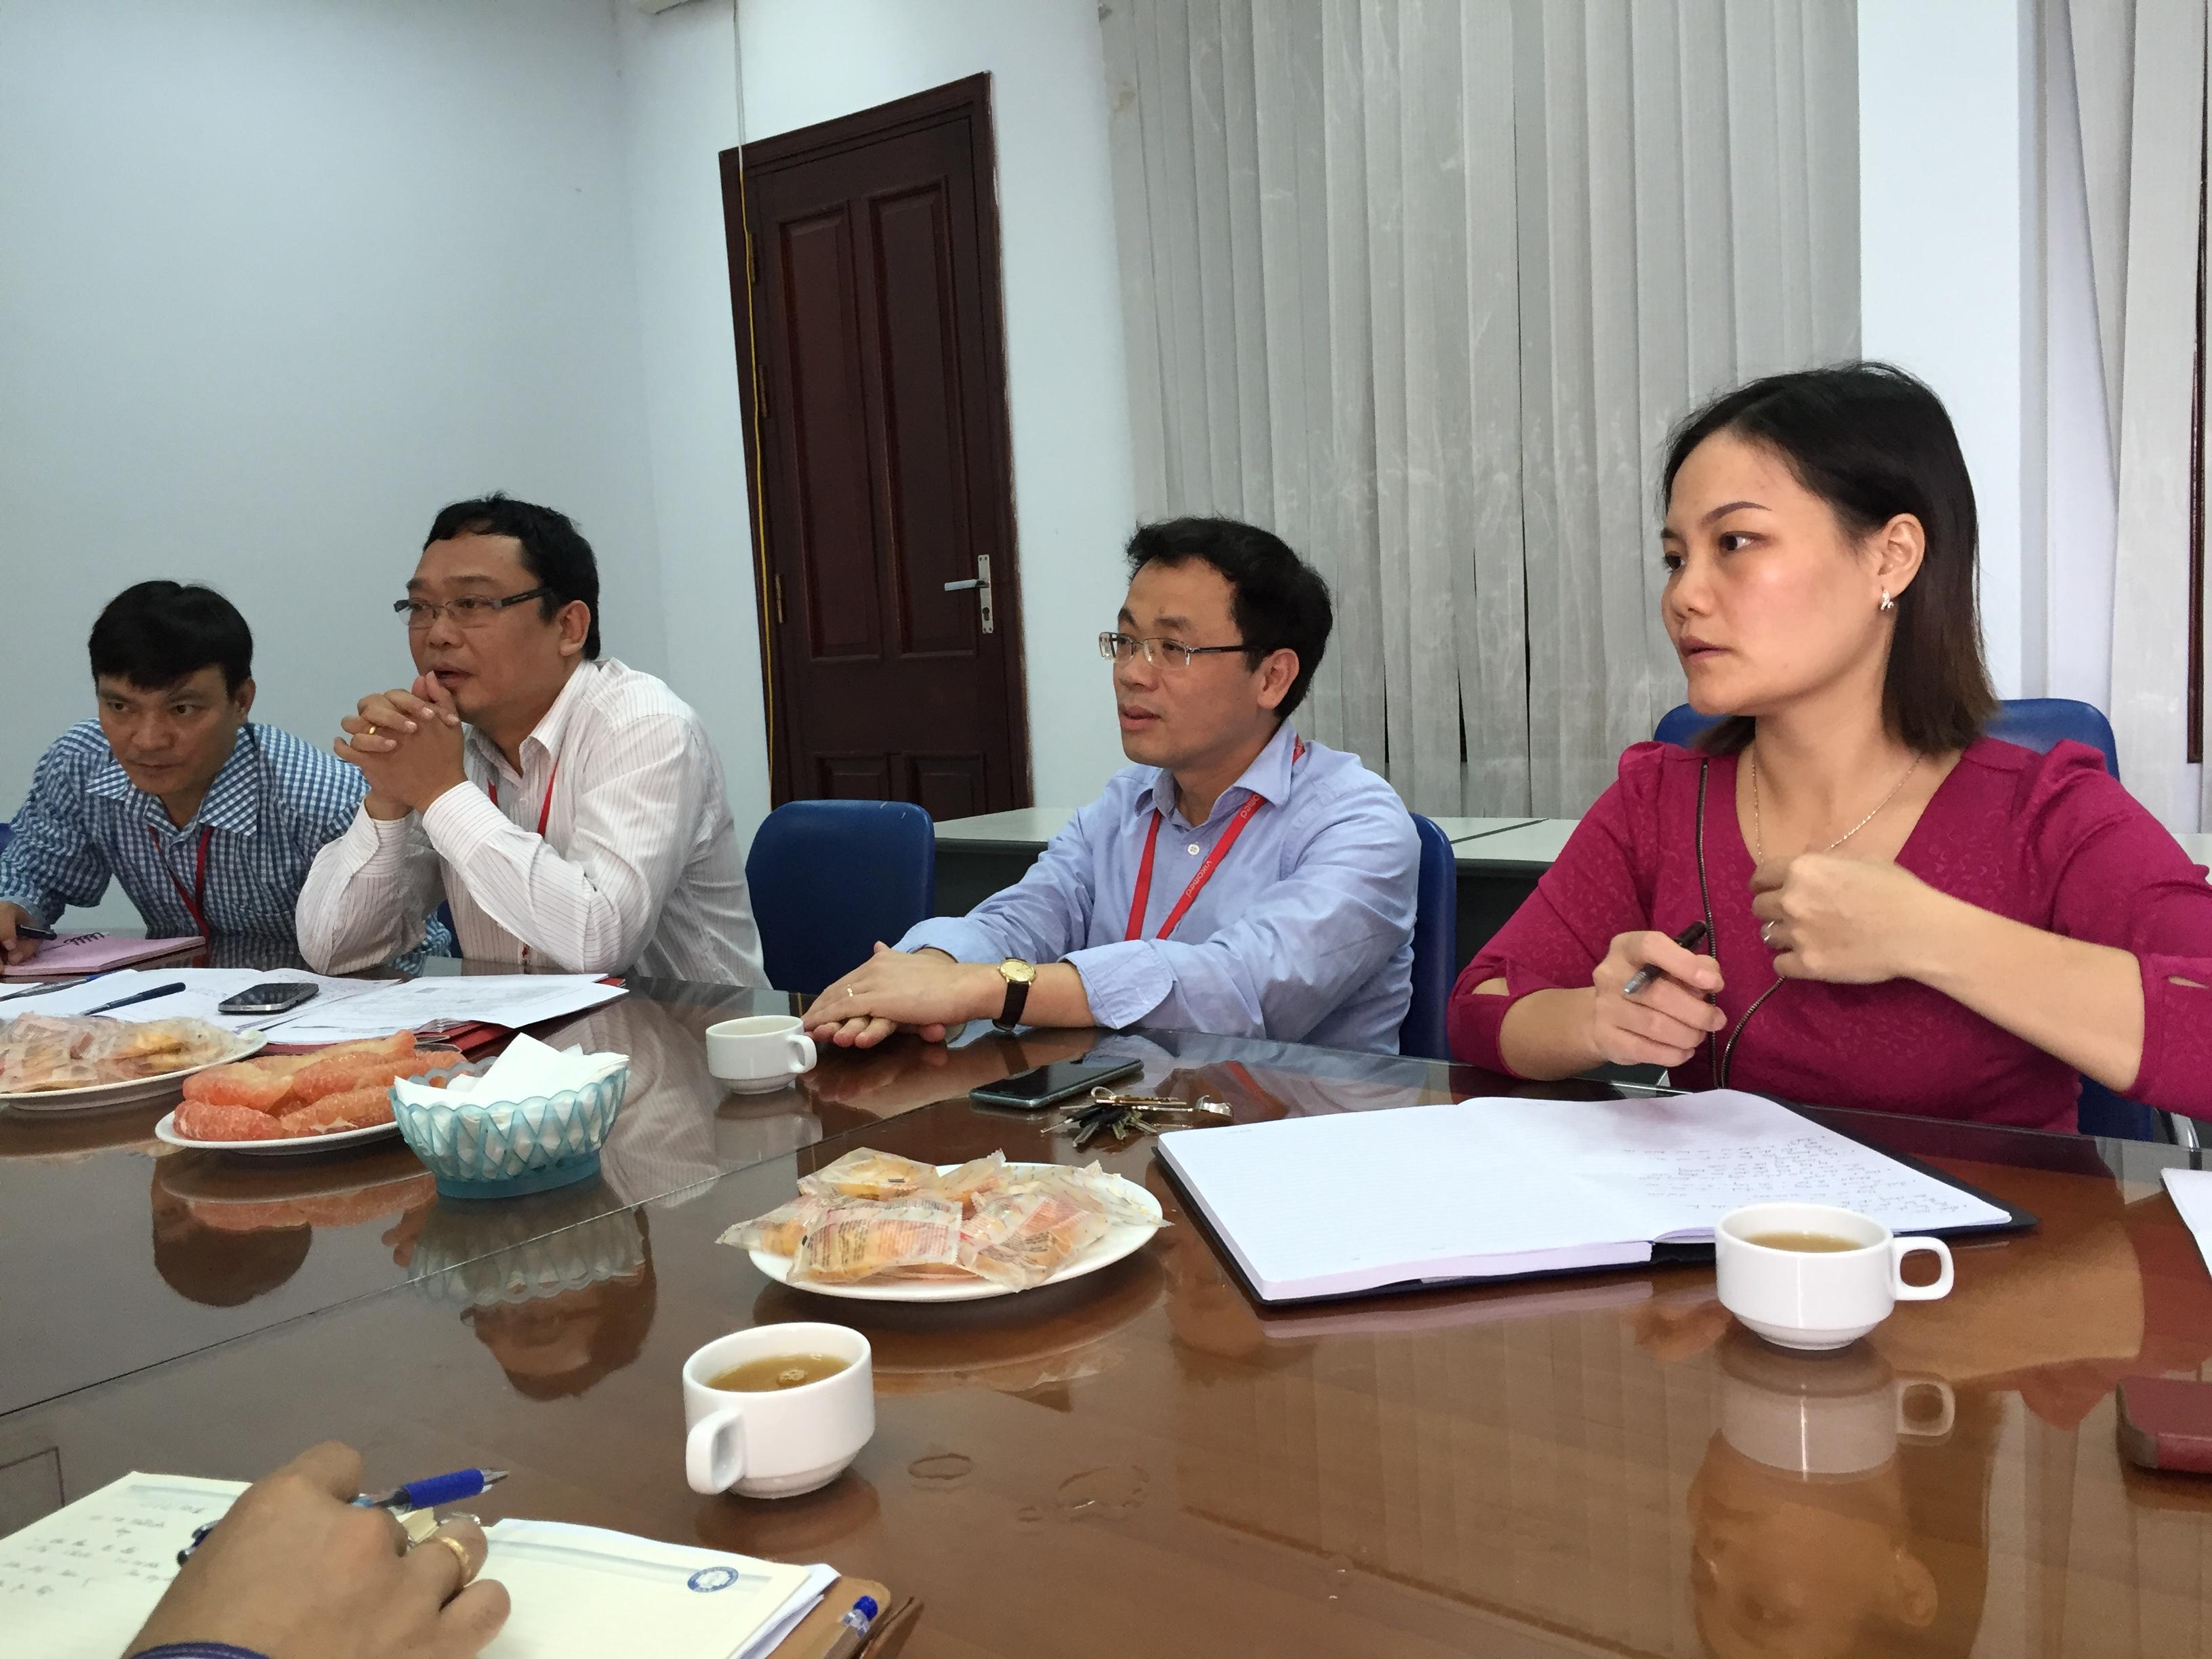 Ban quản lý dự án làm việc với Trường Đại học Y Hà Nội về việc đào tạo và khai giảng lớp chuyên khoa I cho các bác sỹ tham gia dự án